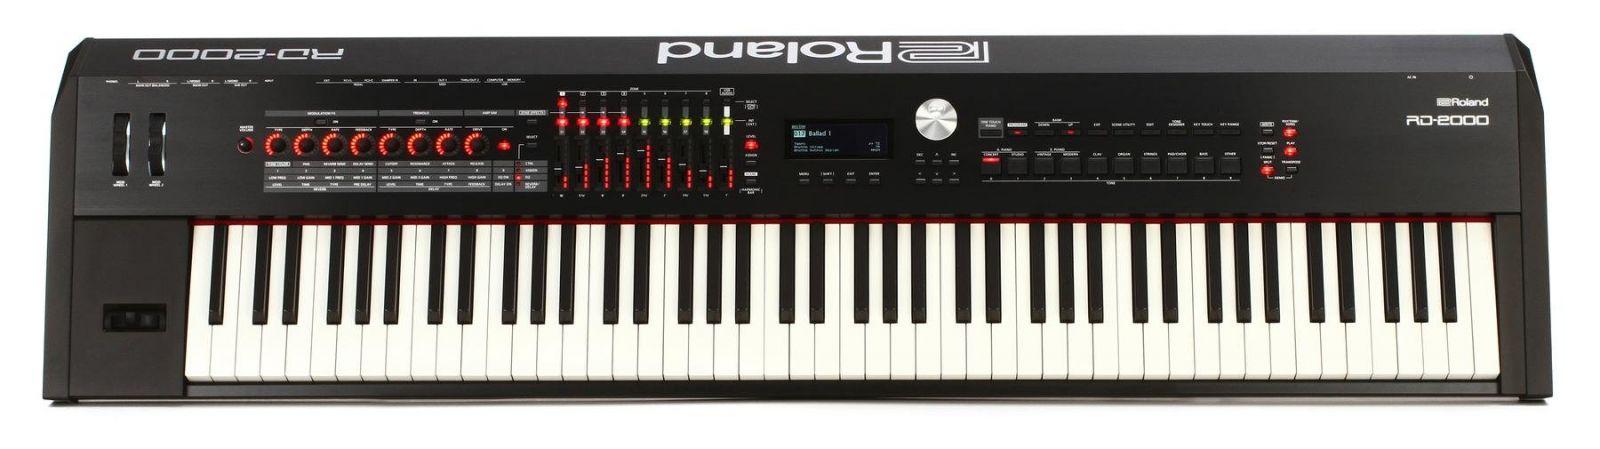 Hudobné nástroje, hudobniny, gitary,  klavíry, klávesy, ozvučovacia technika, štúdiová technika ...  | On-board.sk